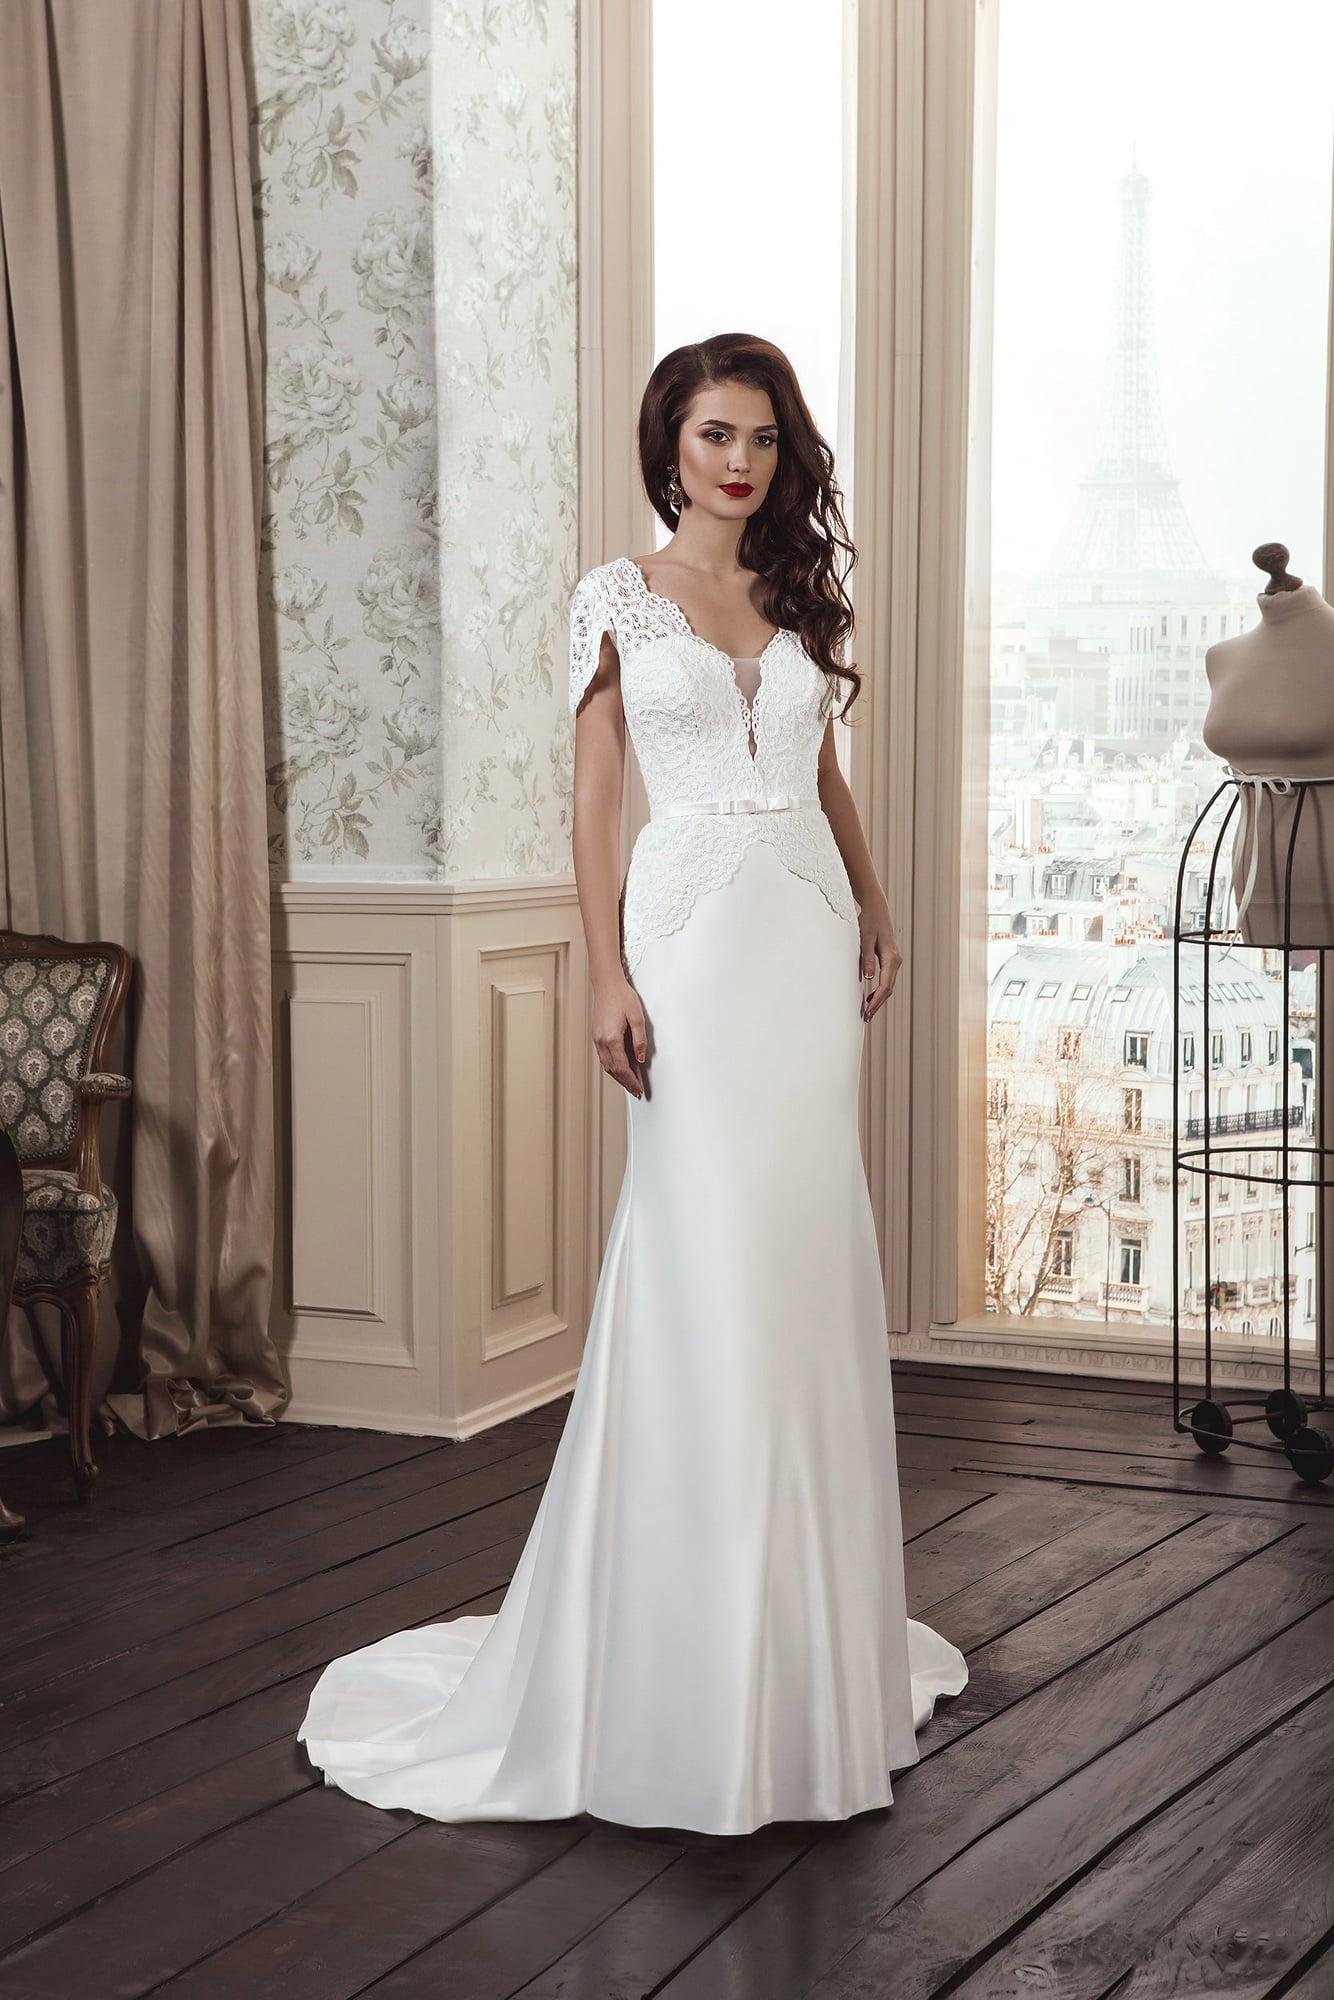 575647217f9 Прямое свадебное платье с кружевной отделкой корсета и короткими рукавами  фигурного кроя.